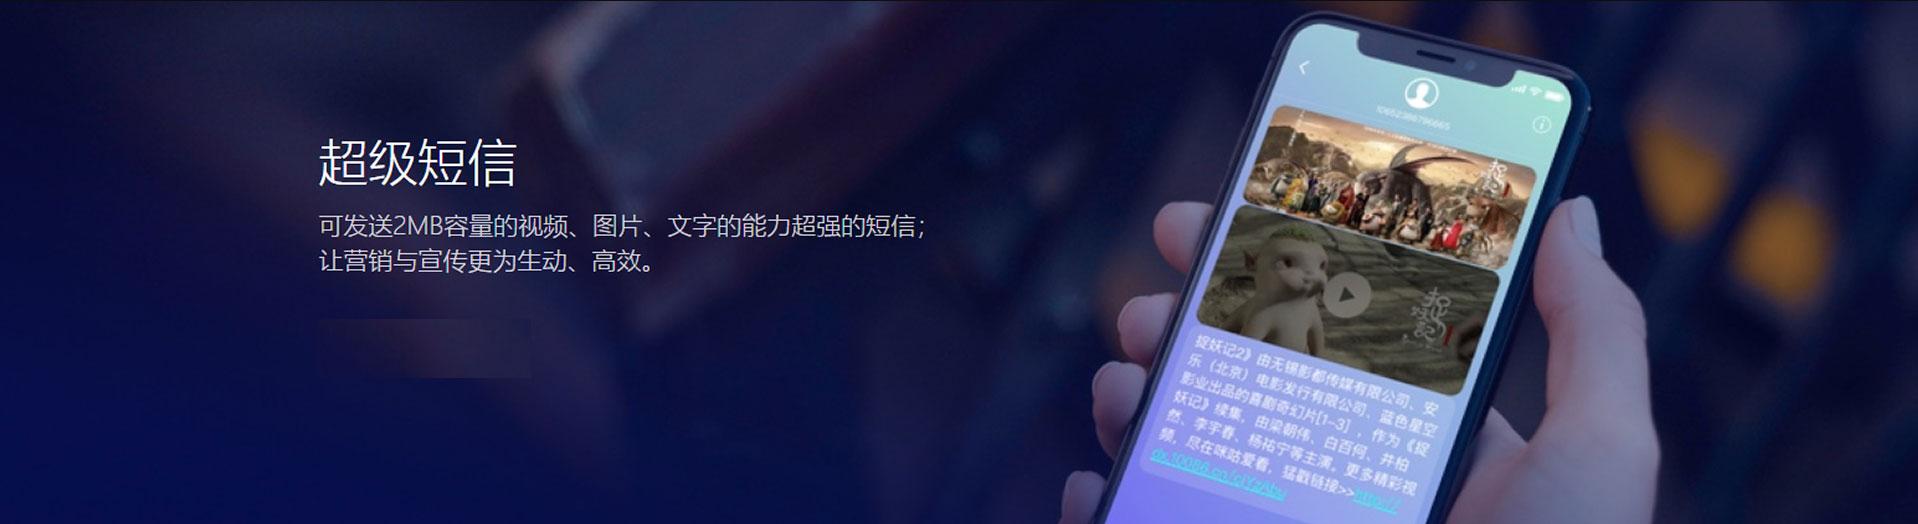 视频短信,超级短信